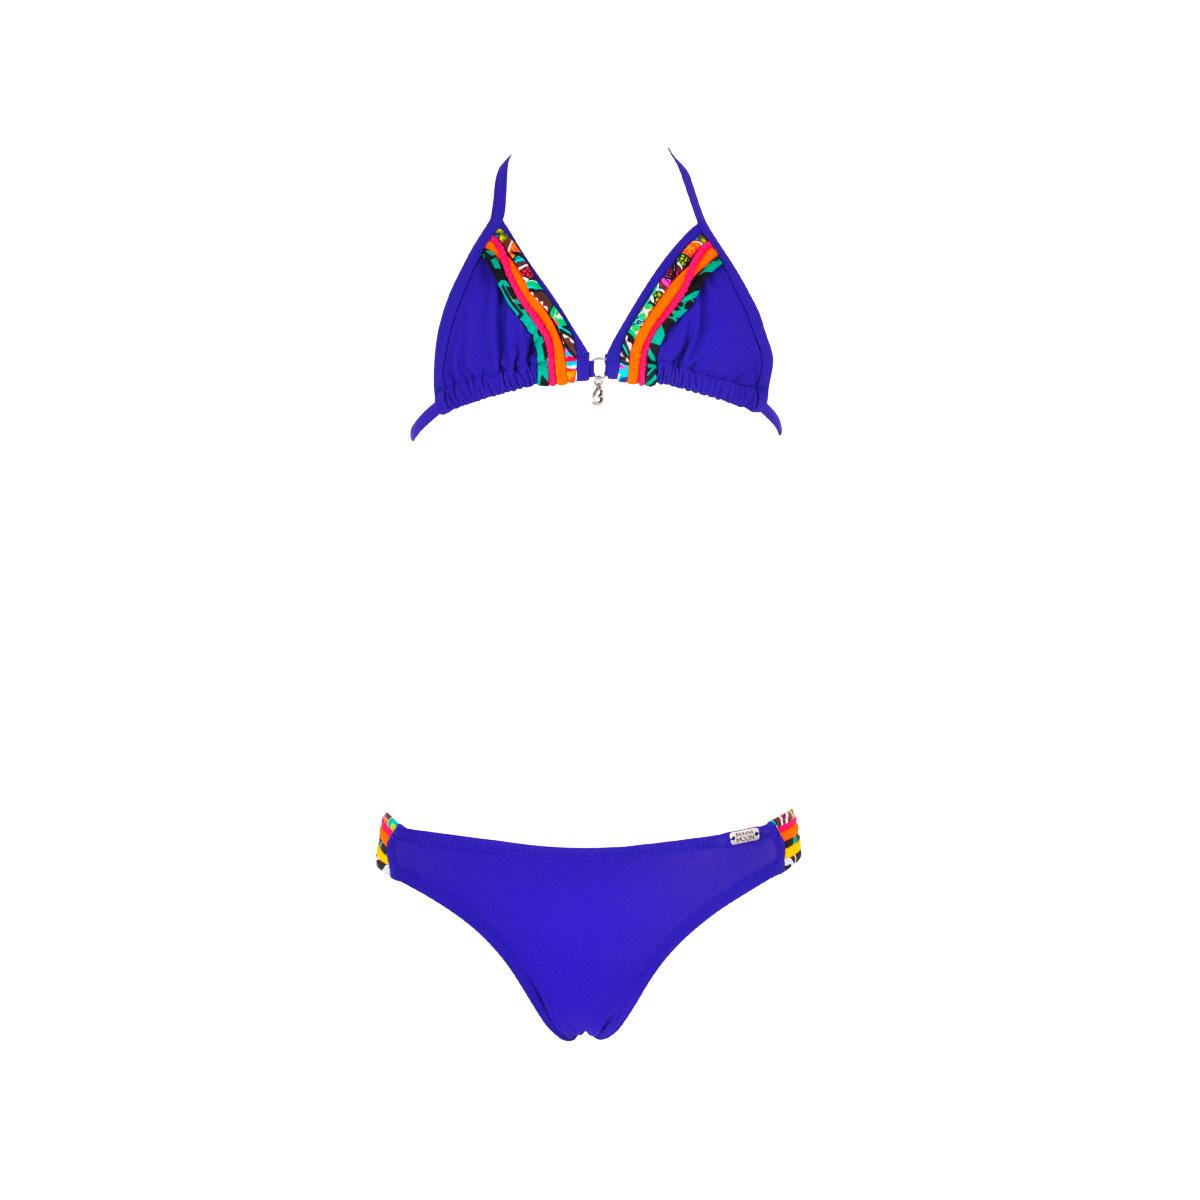 71338c6927cfb Short de plage pour enfant - Maillot de bain Banana Moon pour enfant